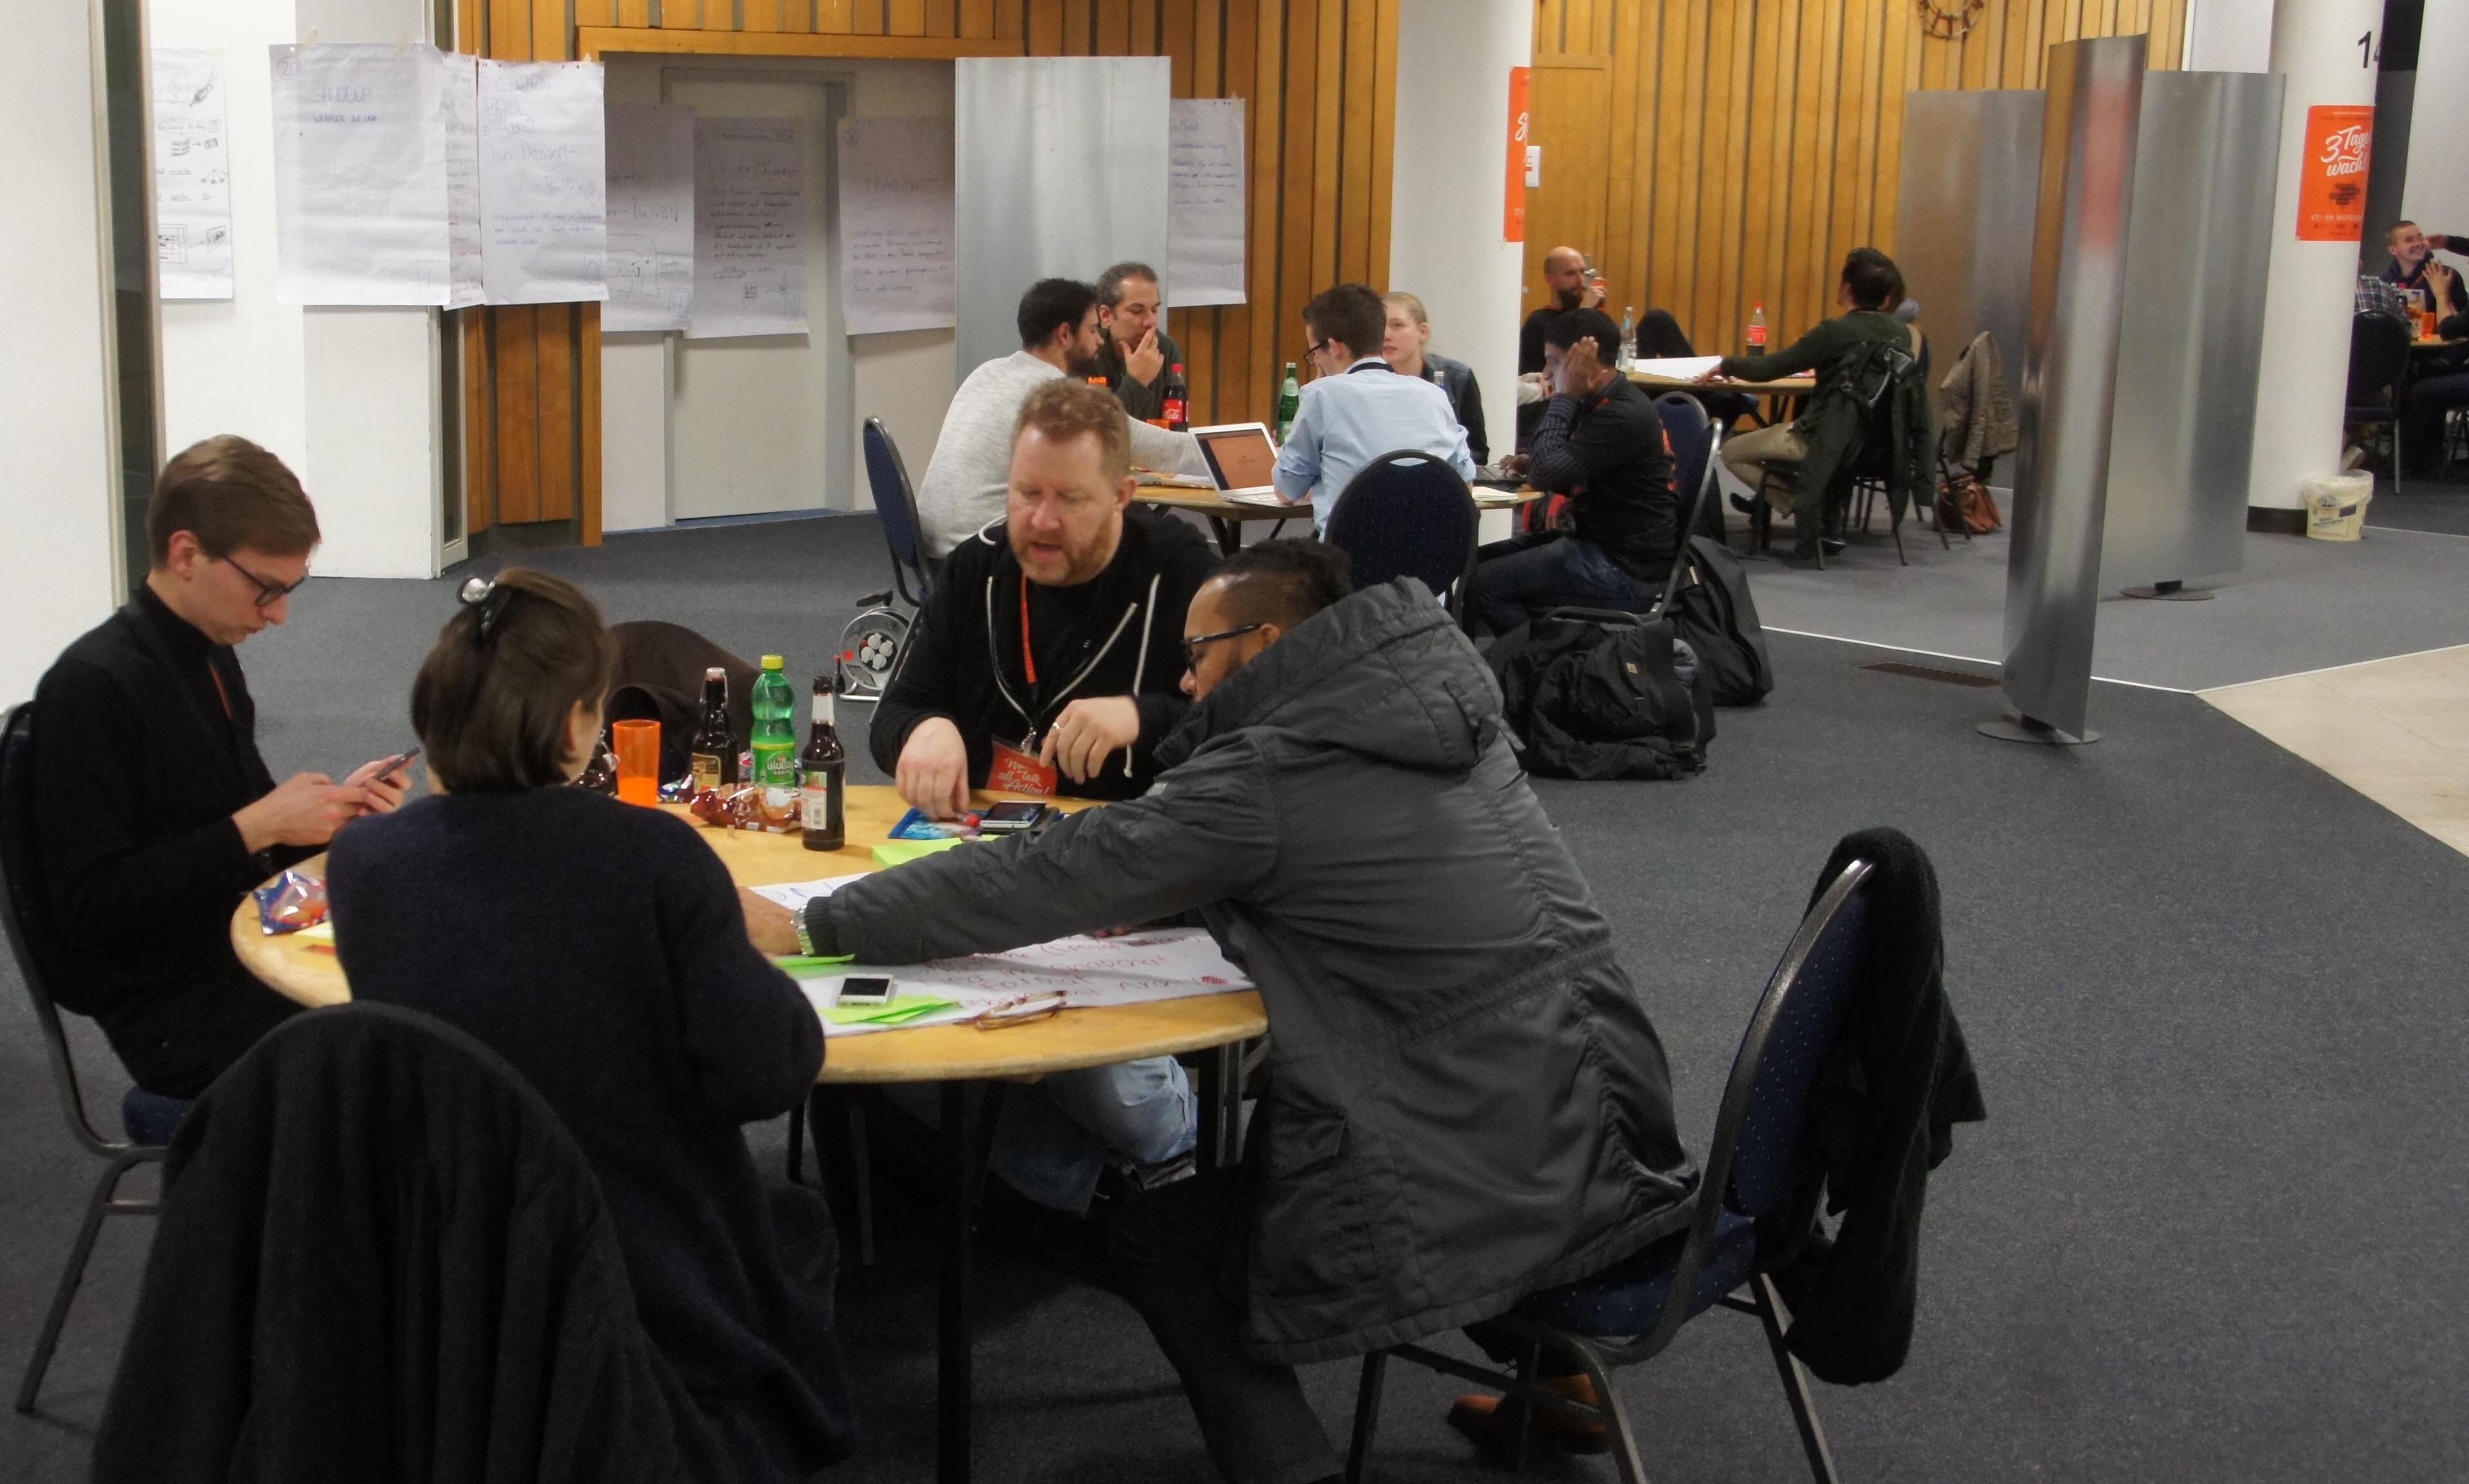 Beginn der Arbeitsphase beim Startup Weekend Bielefeld 2017